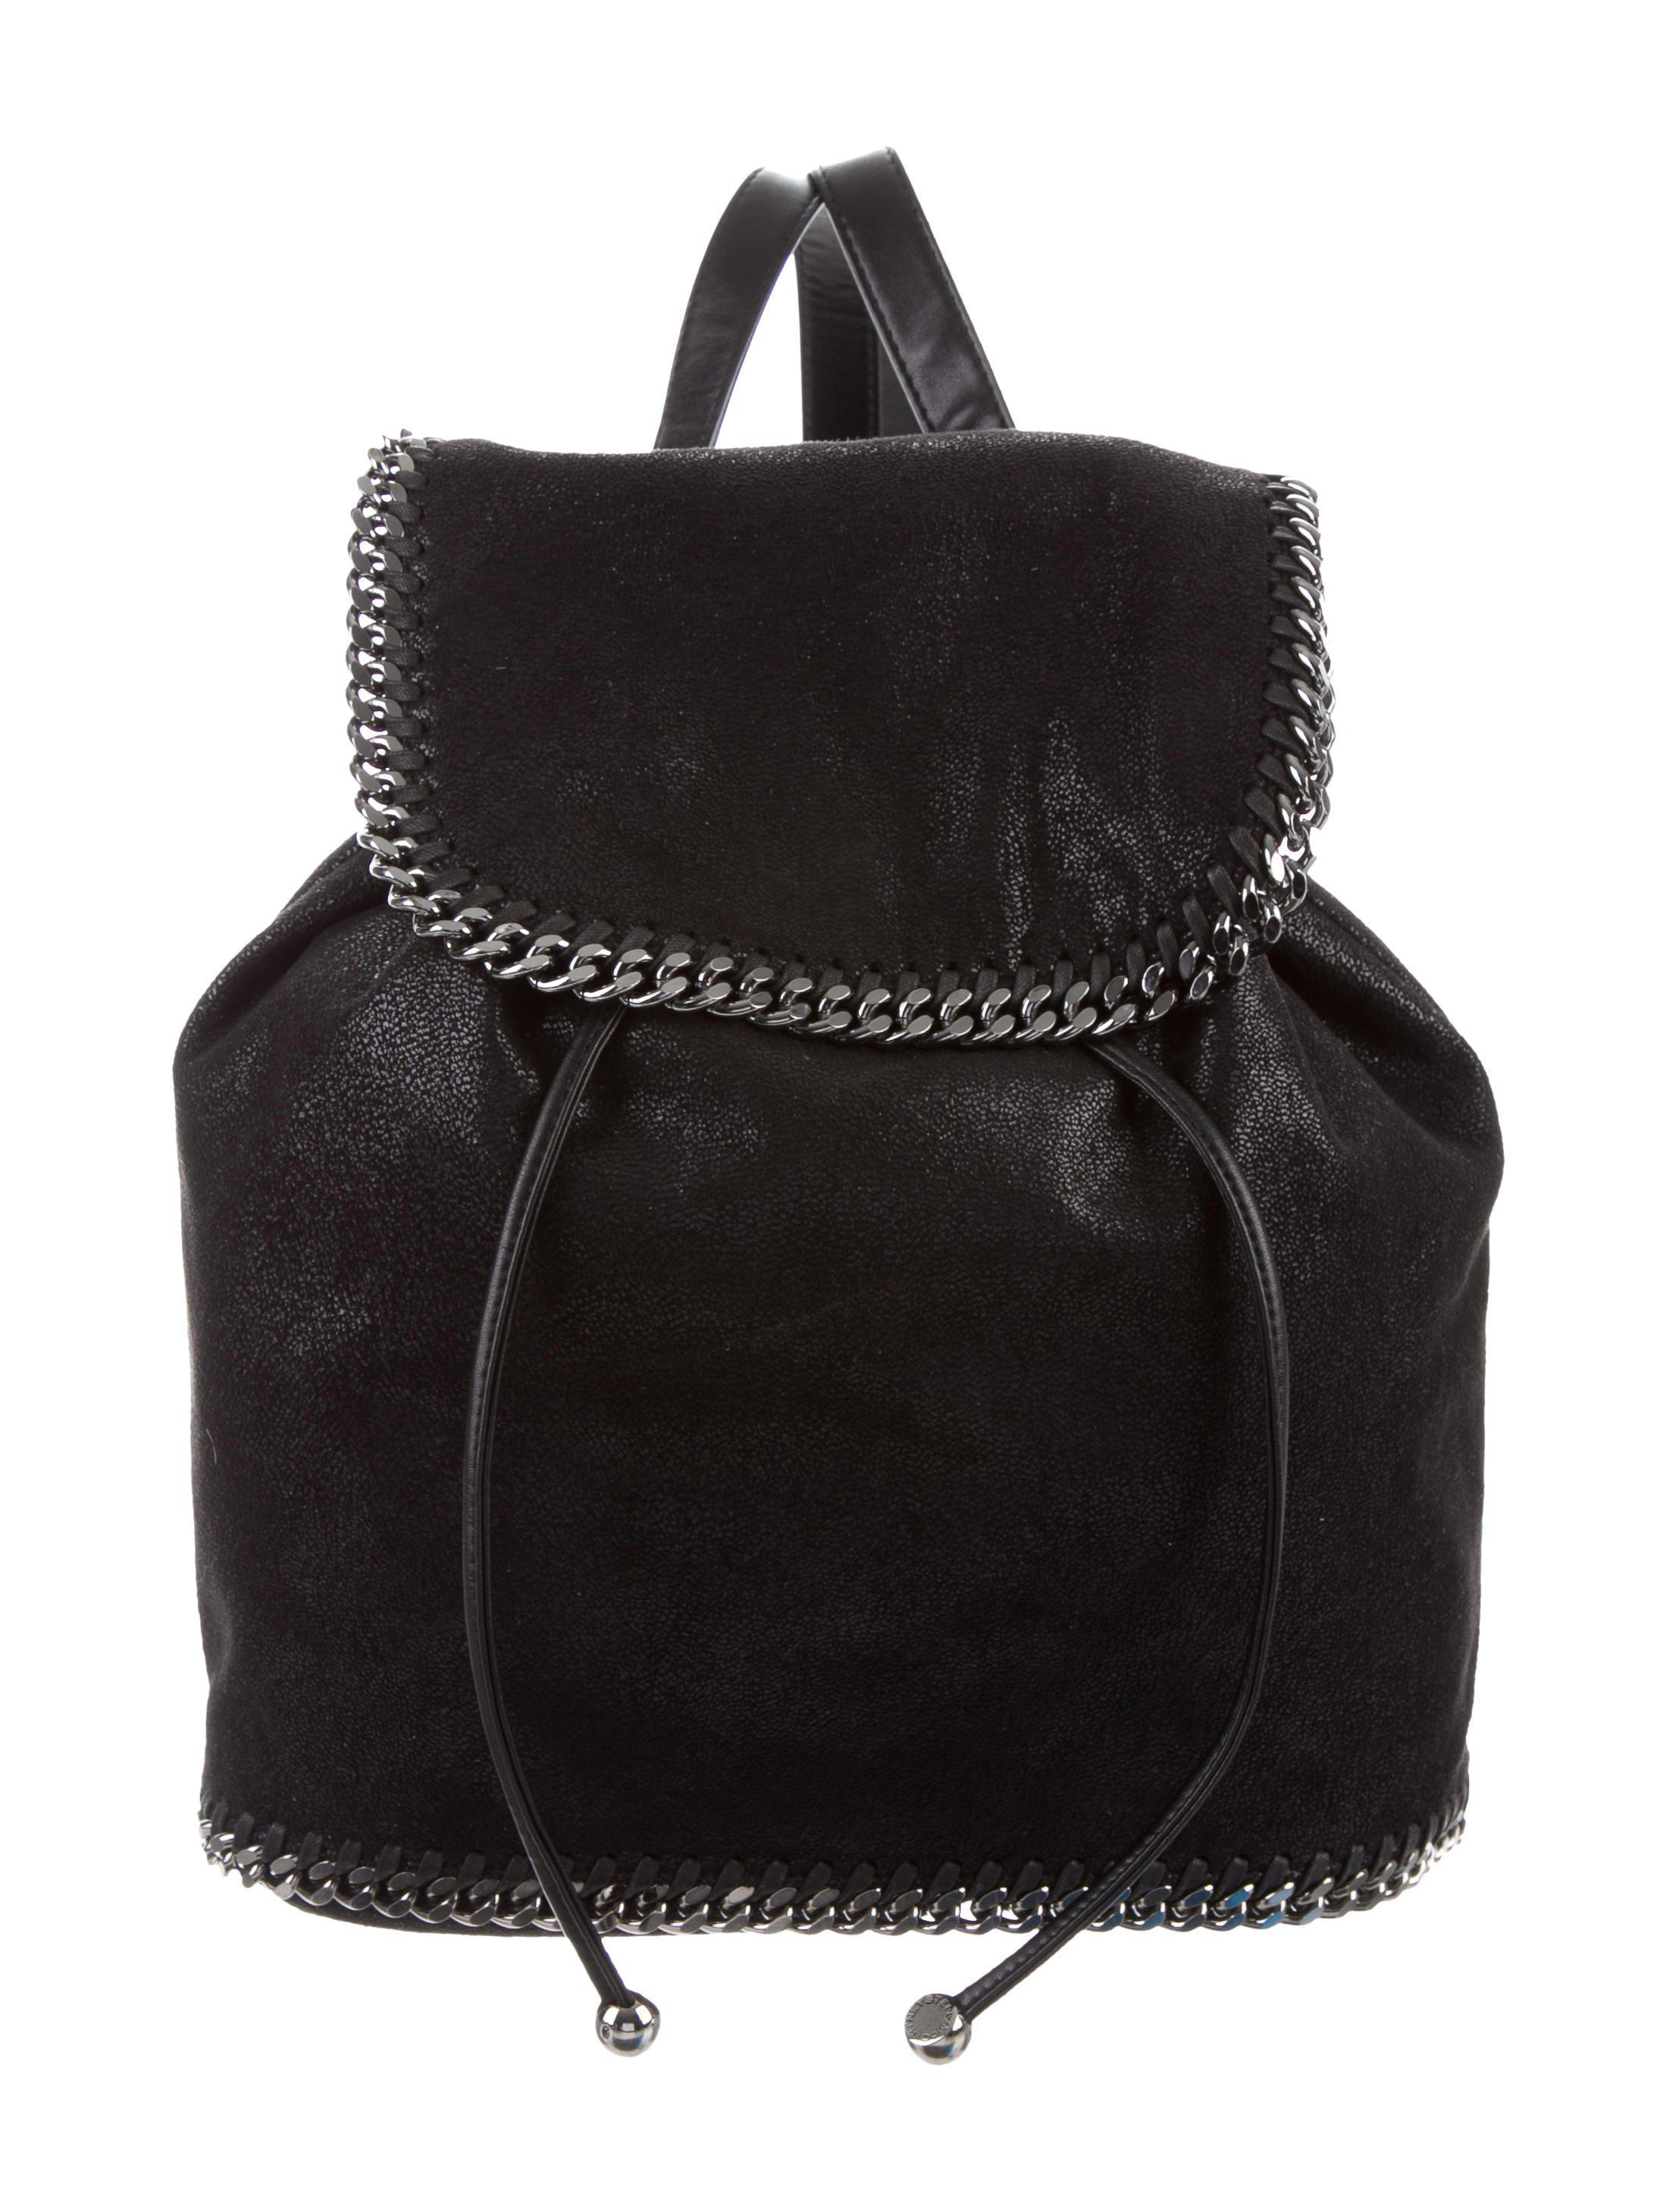 2fdcfbdb793b Lyst - Stella Mccartney Falabella Shaggy Deer Backpack in Black